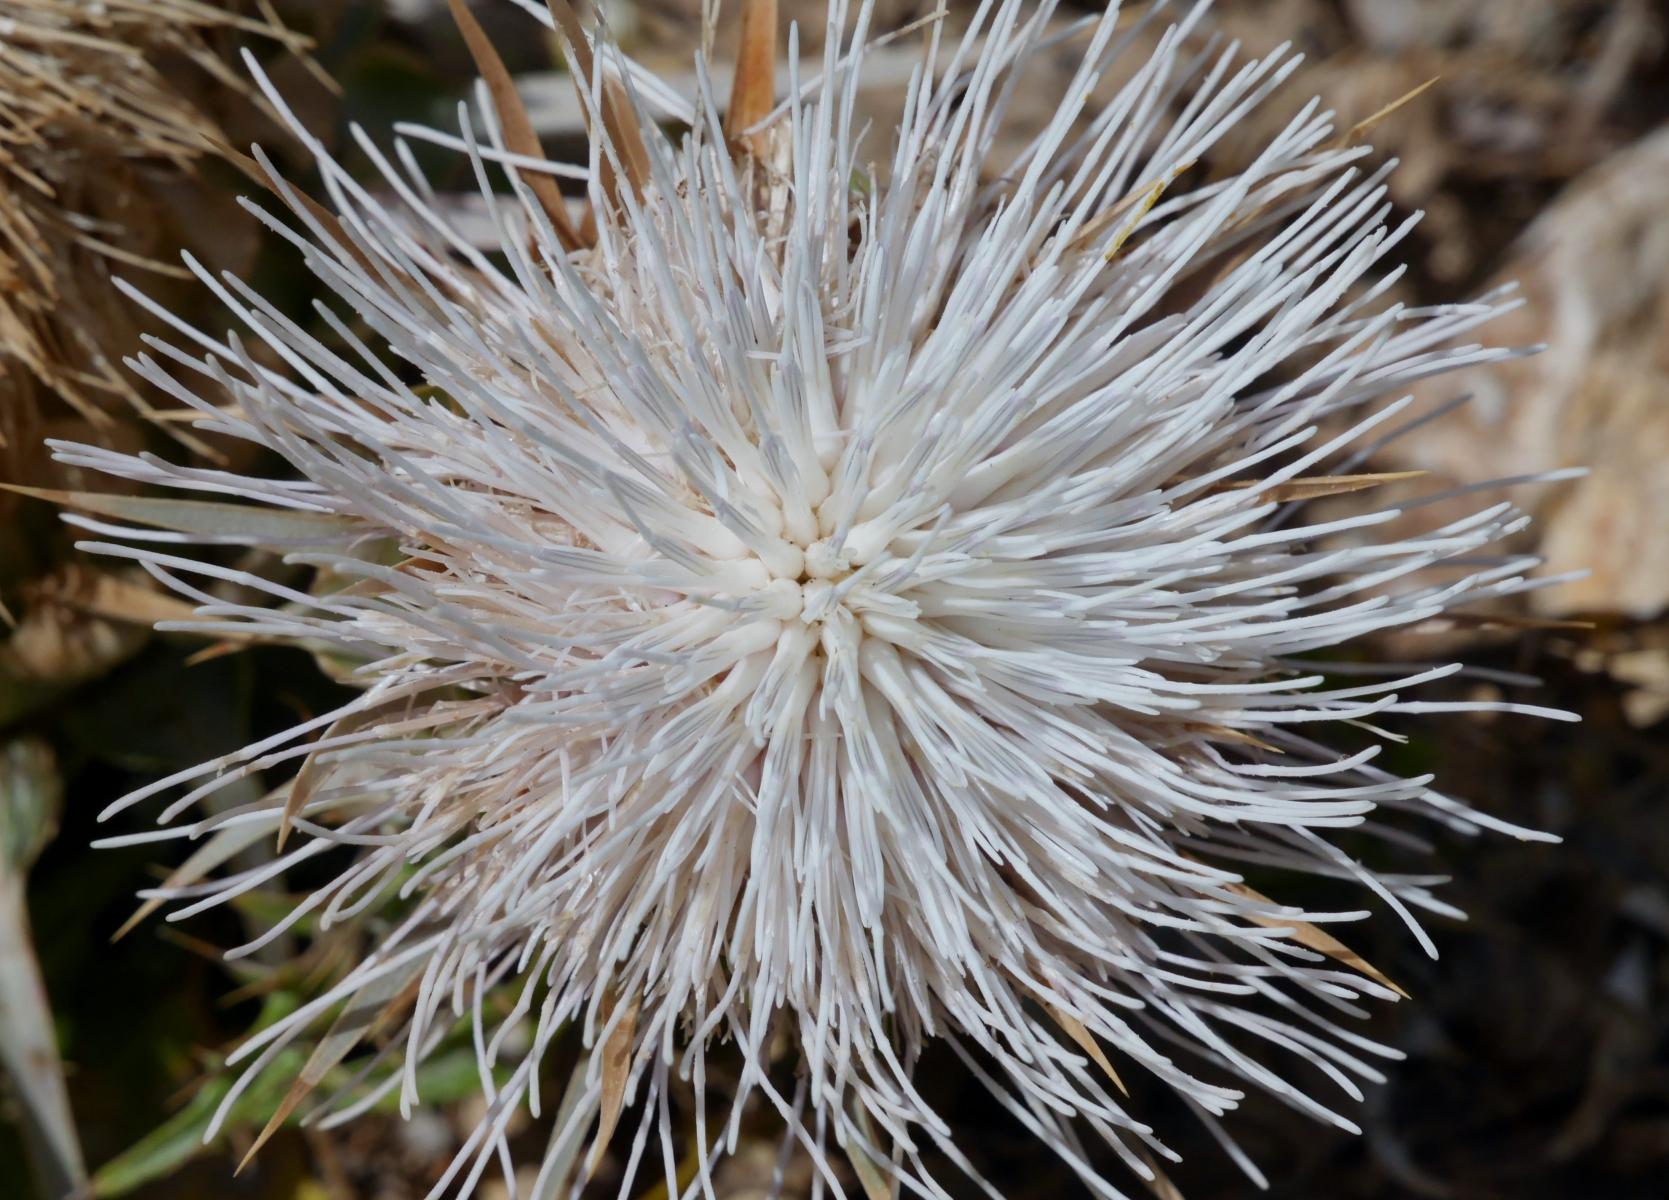 Einfache Blüten - zauberhafte Wirkung